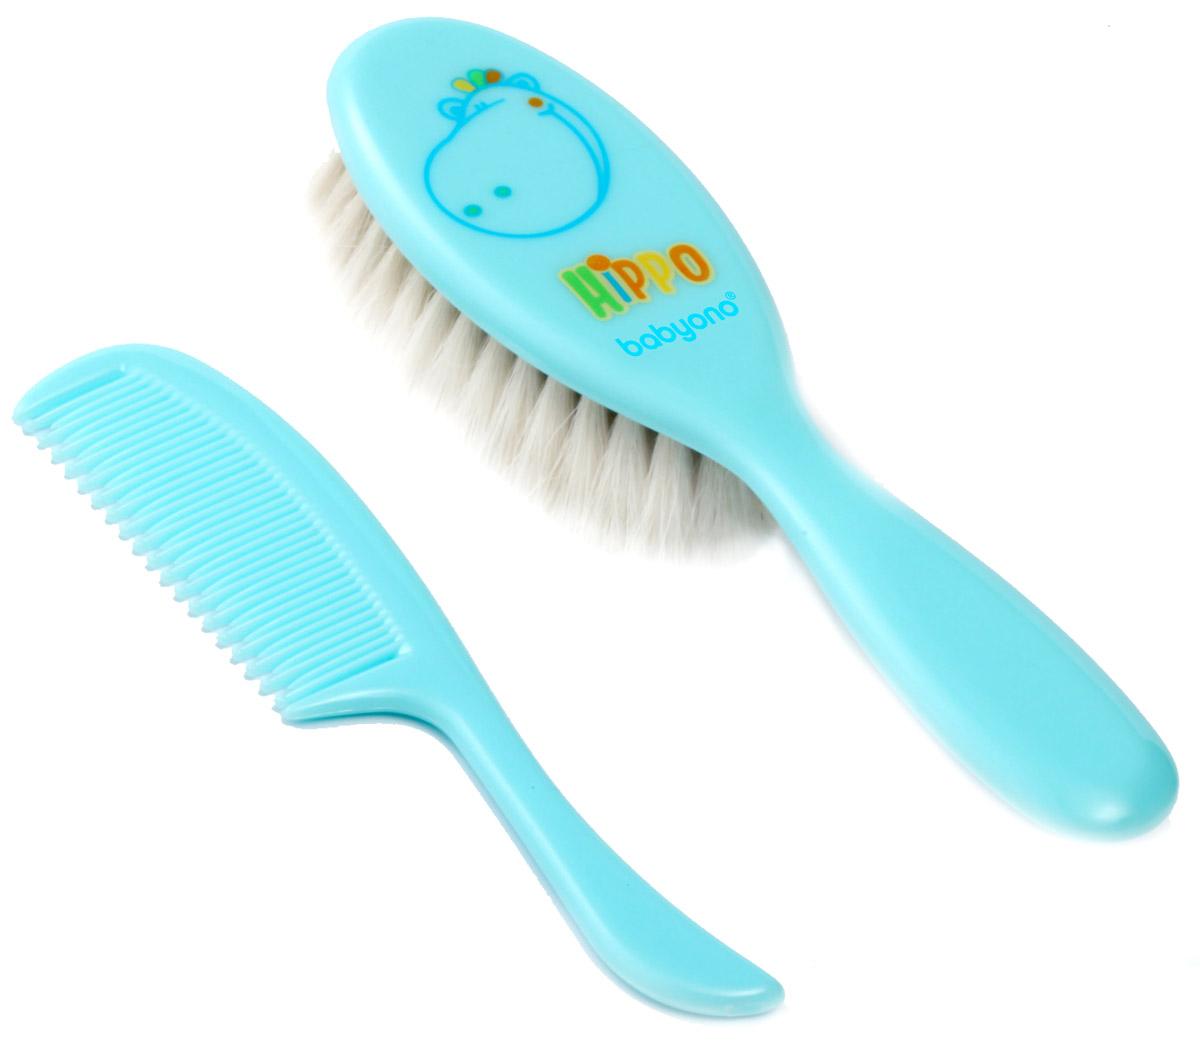 BabyOno BabyOno Набор детский Бегемот Расческа и щетка для волос цвет голубой 564 564_бегемот, голубой